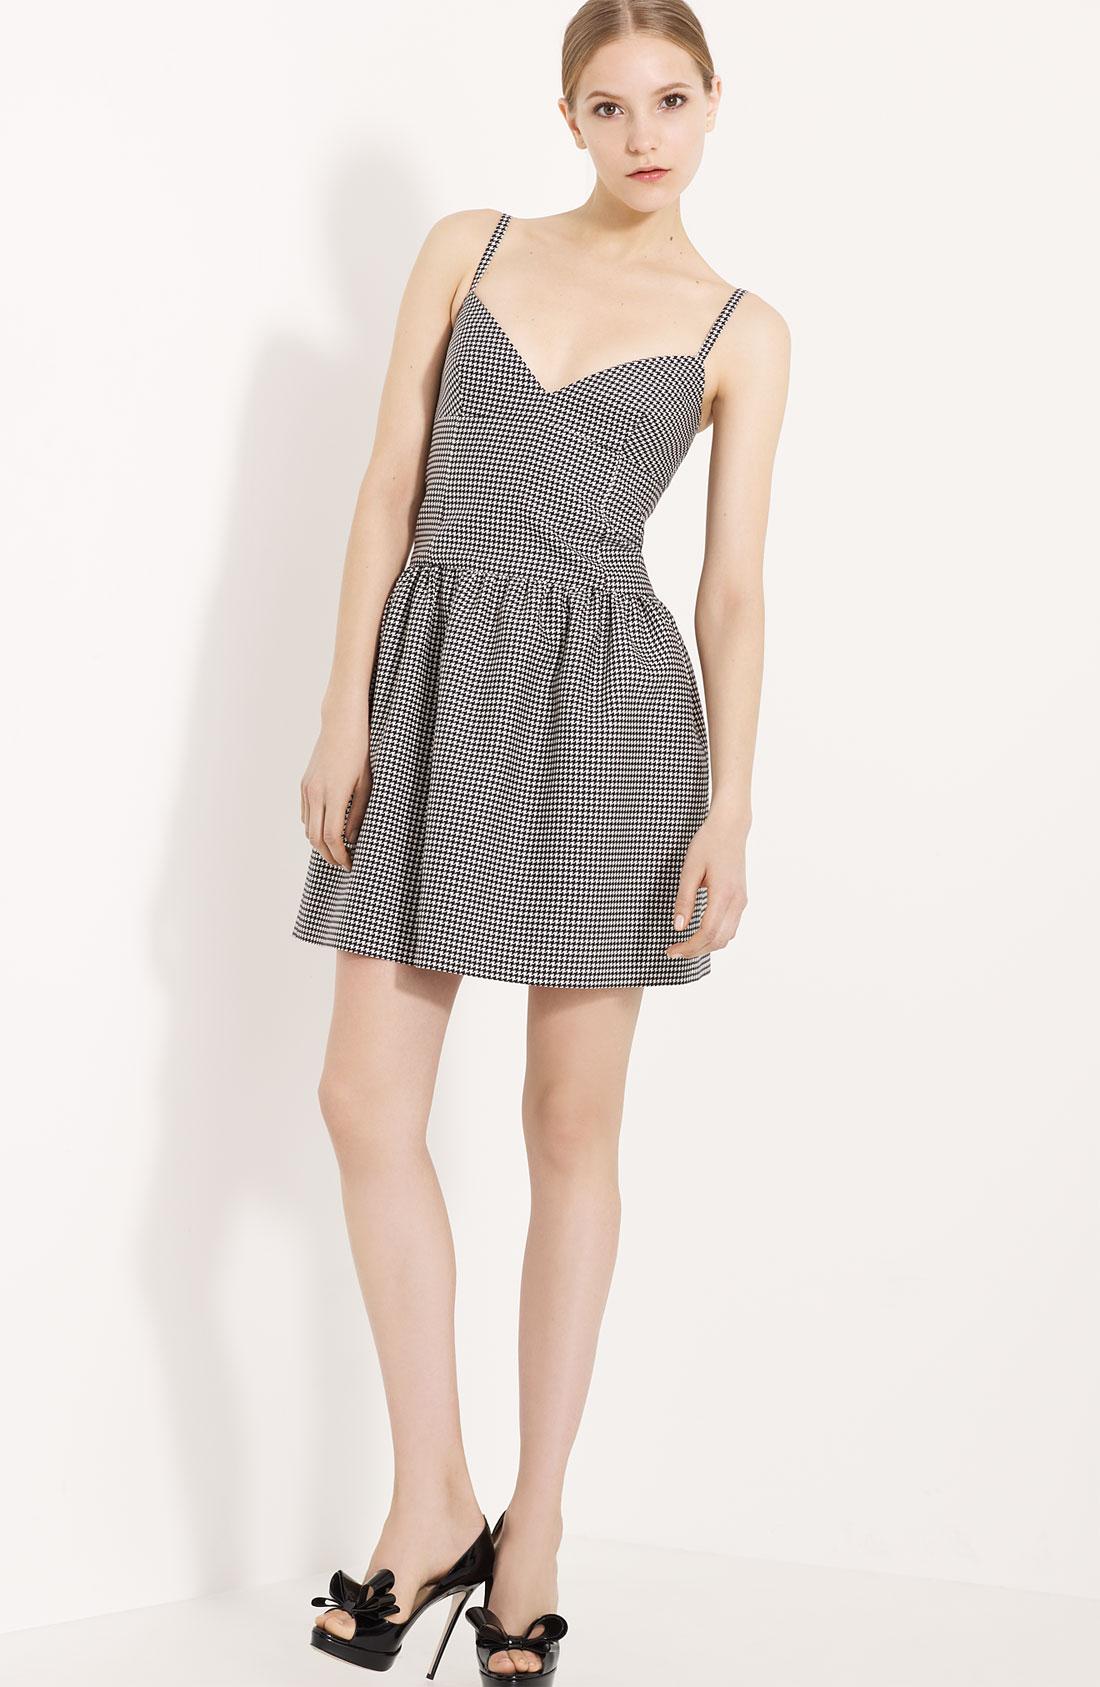 Valentino Gray Houndstooth Dress ( Size 6) | eBay